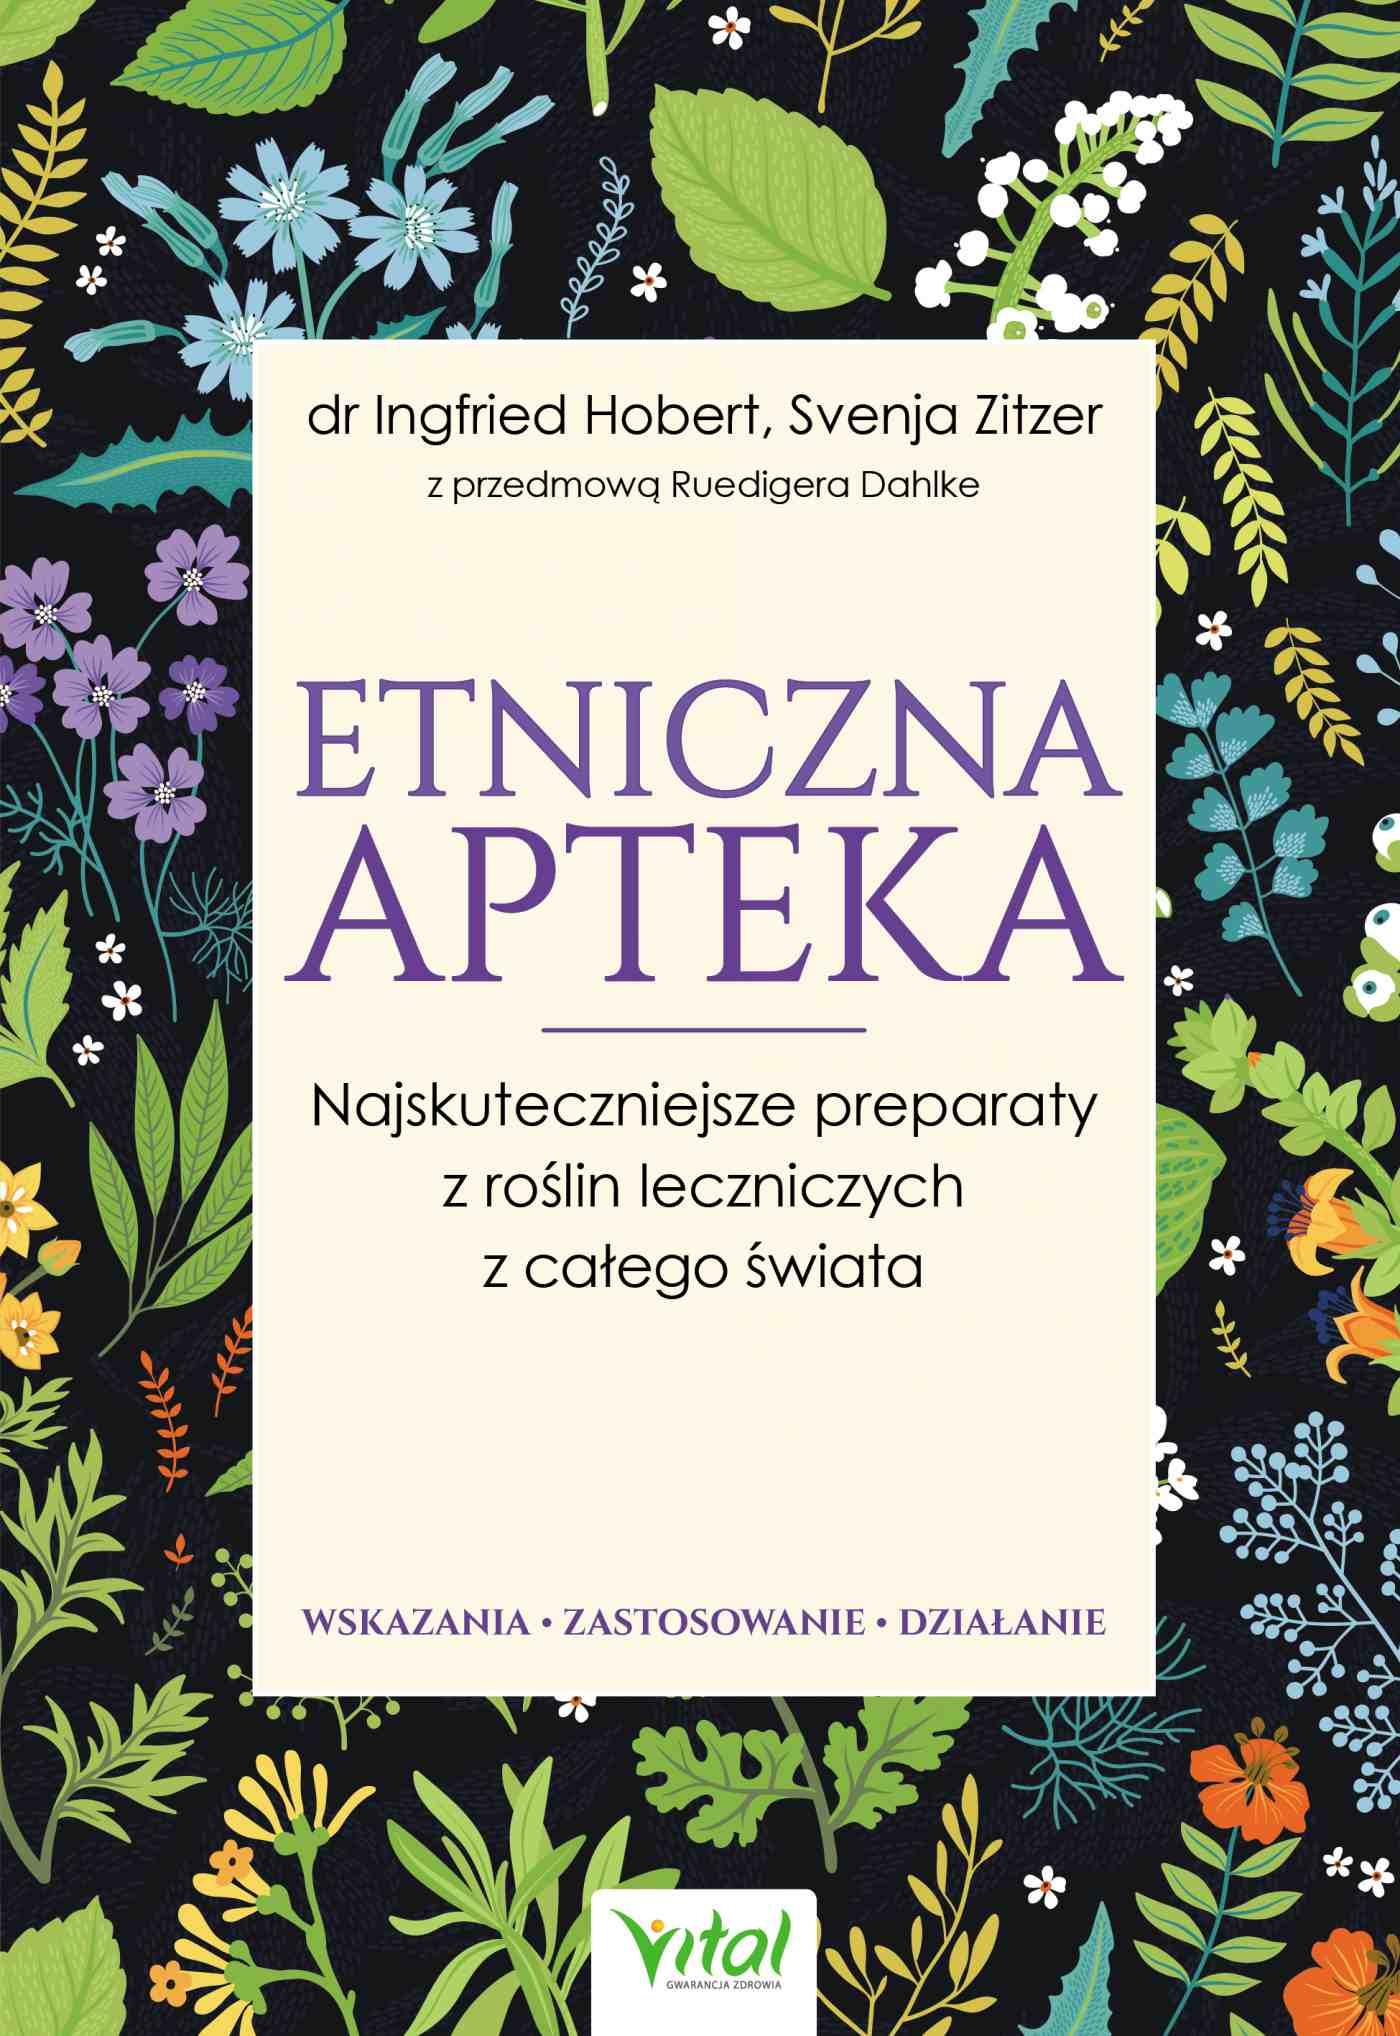 Etniczna apteka. Najskuteczniejsze preparaty z roślin leczniczych z całego świata. Wskazania, zastosowanie, działanie - Ebook (Książka na Kindle) do pobrania w formacie MOBI